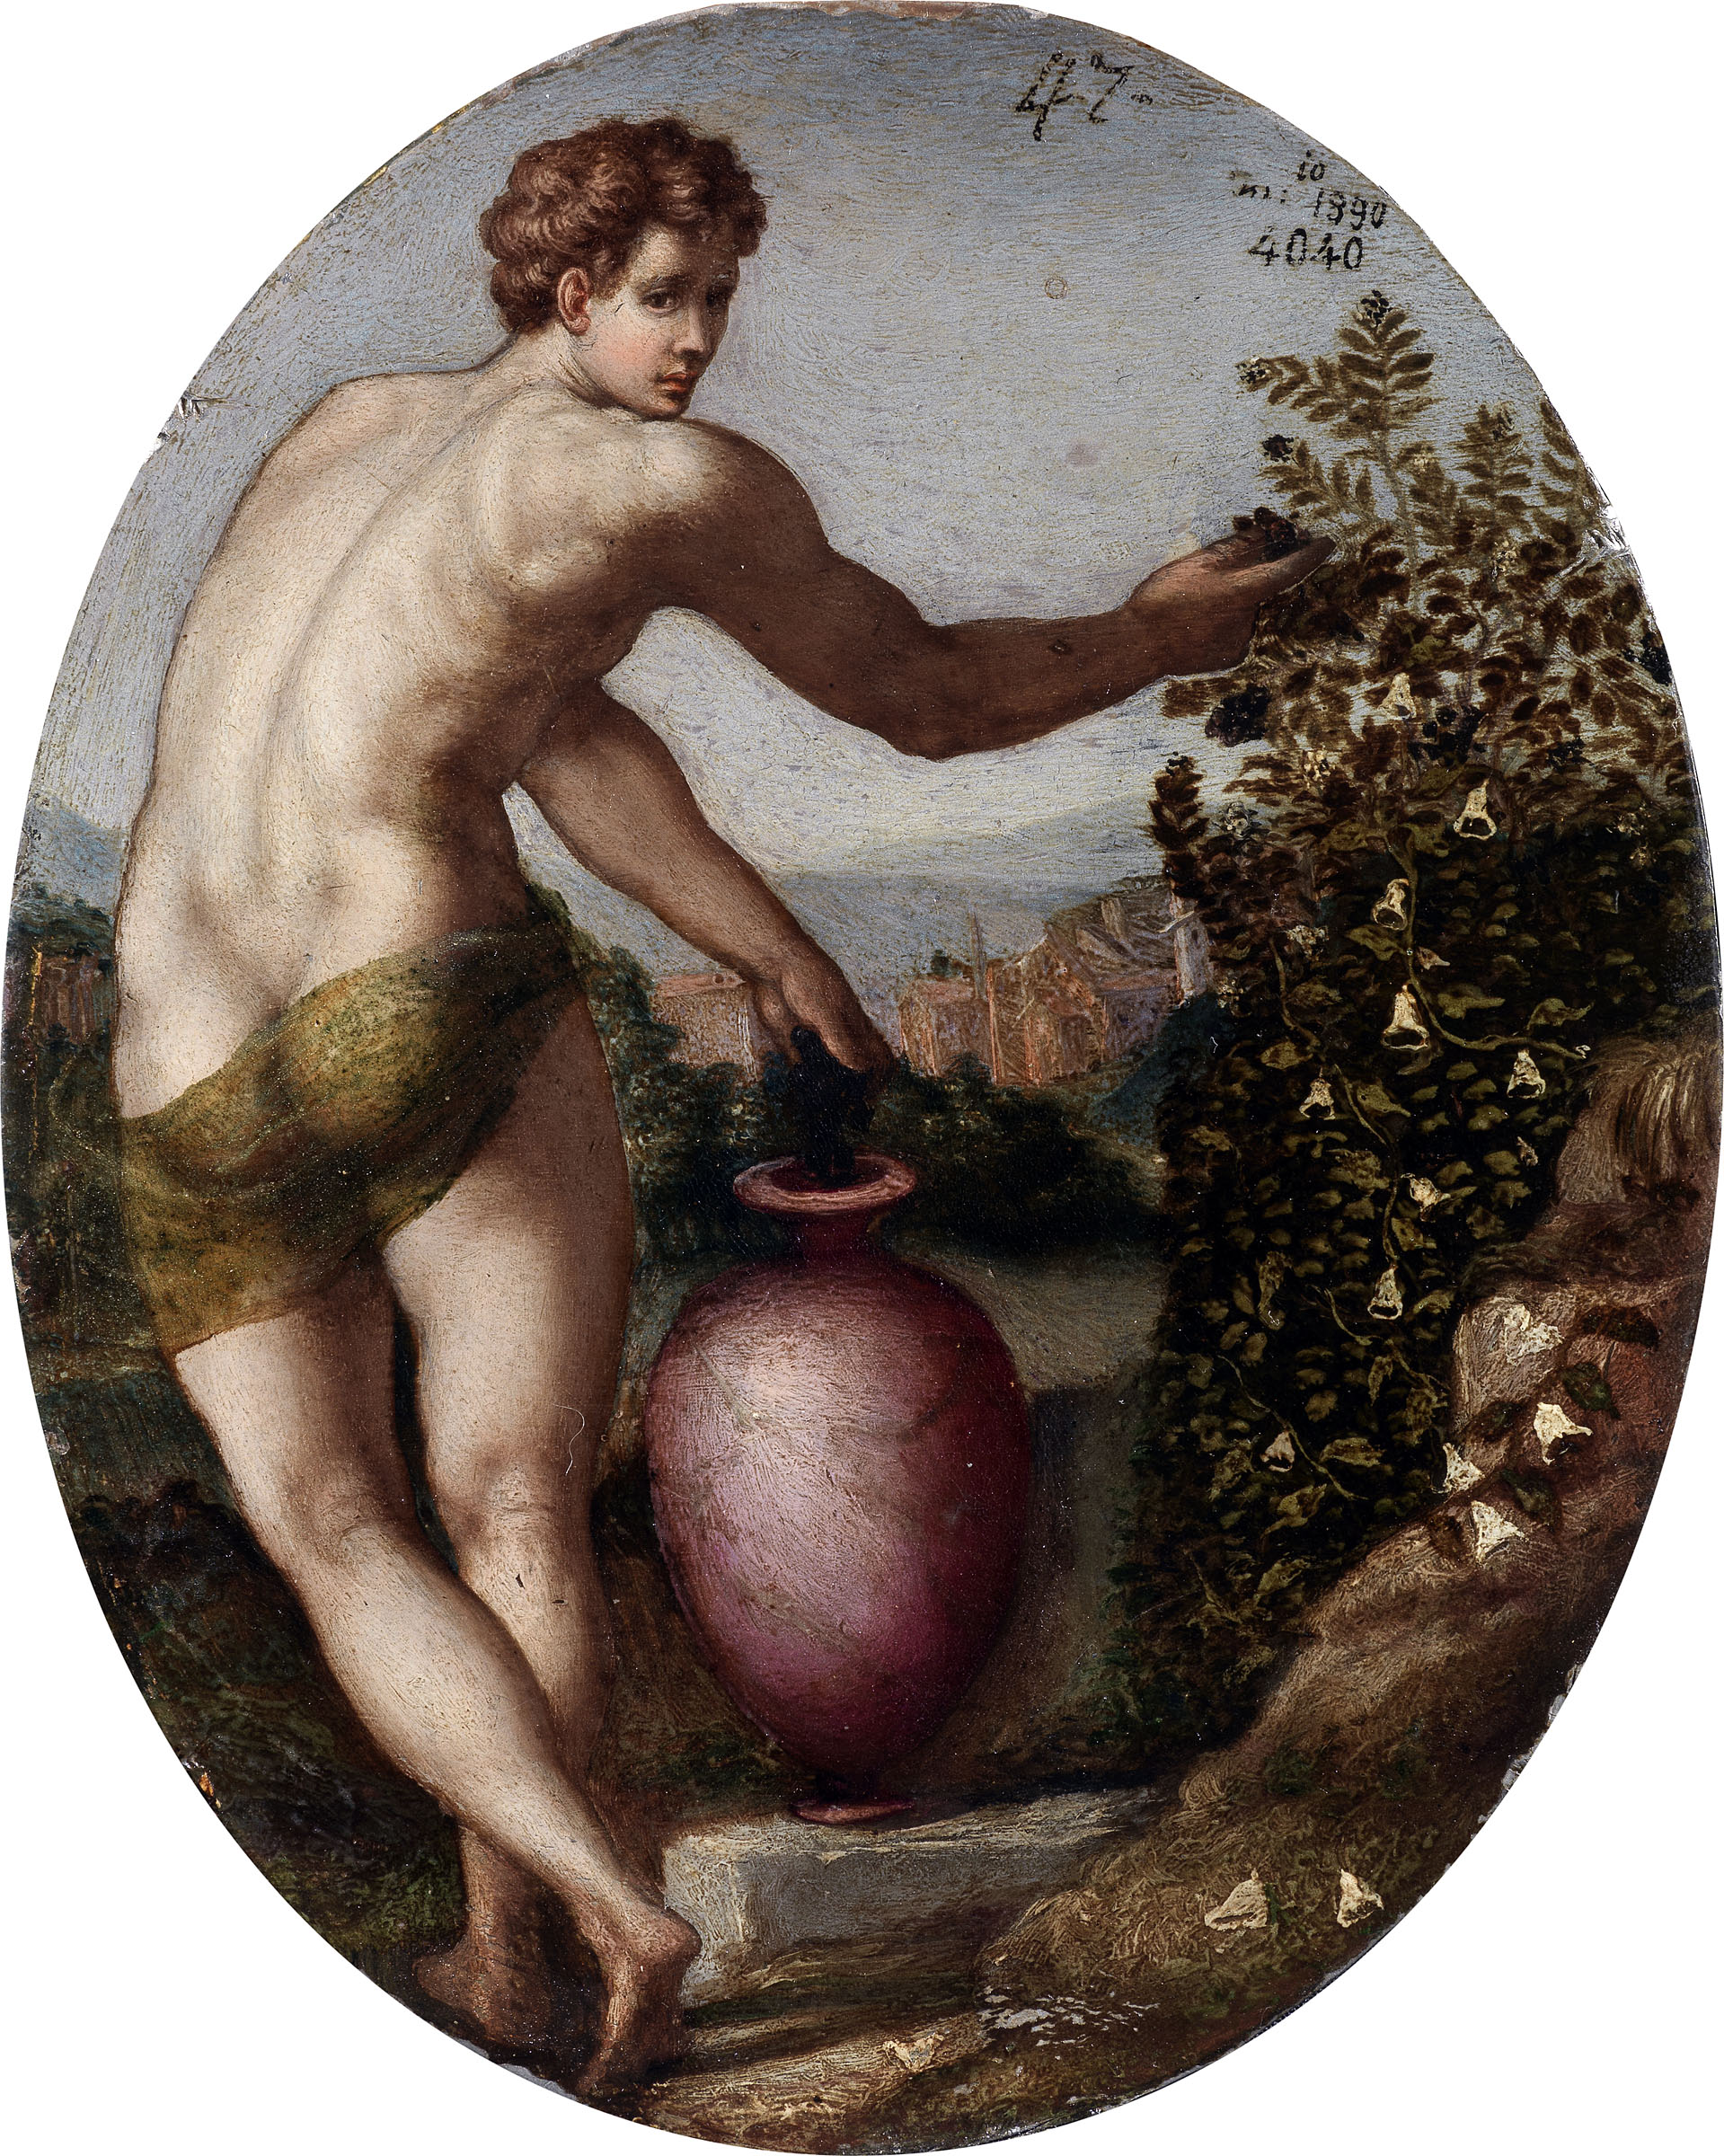 Scuola di Bronzino, verso del Ritratto di Francesco I de' Medici o Piero de' Medici sec. XVI (1560 ca.) olio su stagno, 15,9 x 12,5 cm Galleria degli Uffizi, Inv. 1890 n. 4040